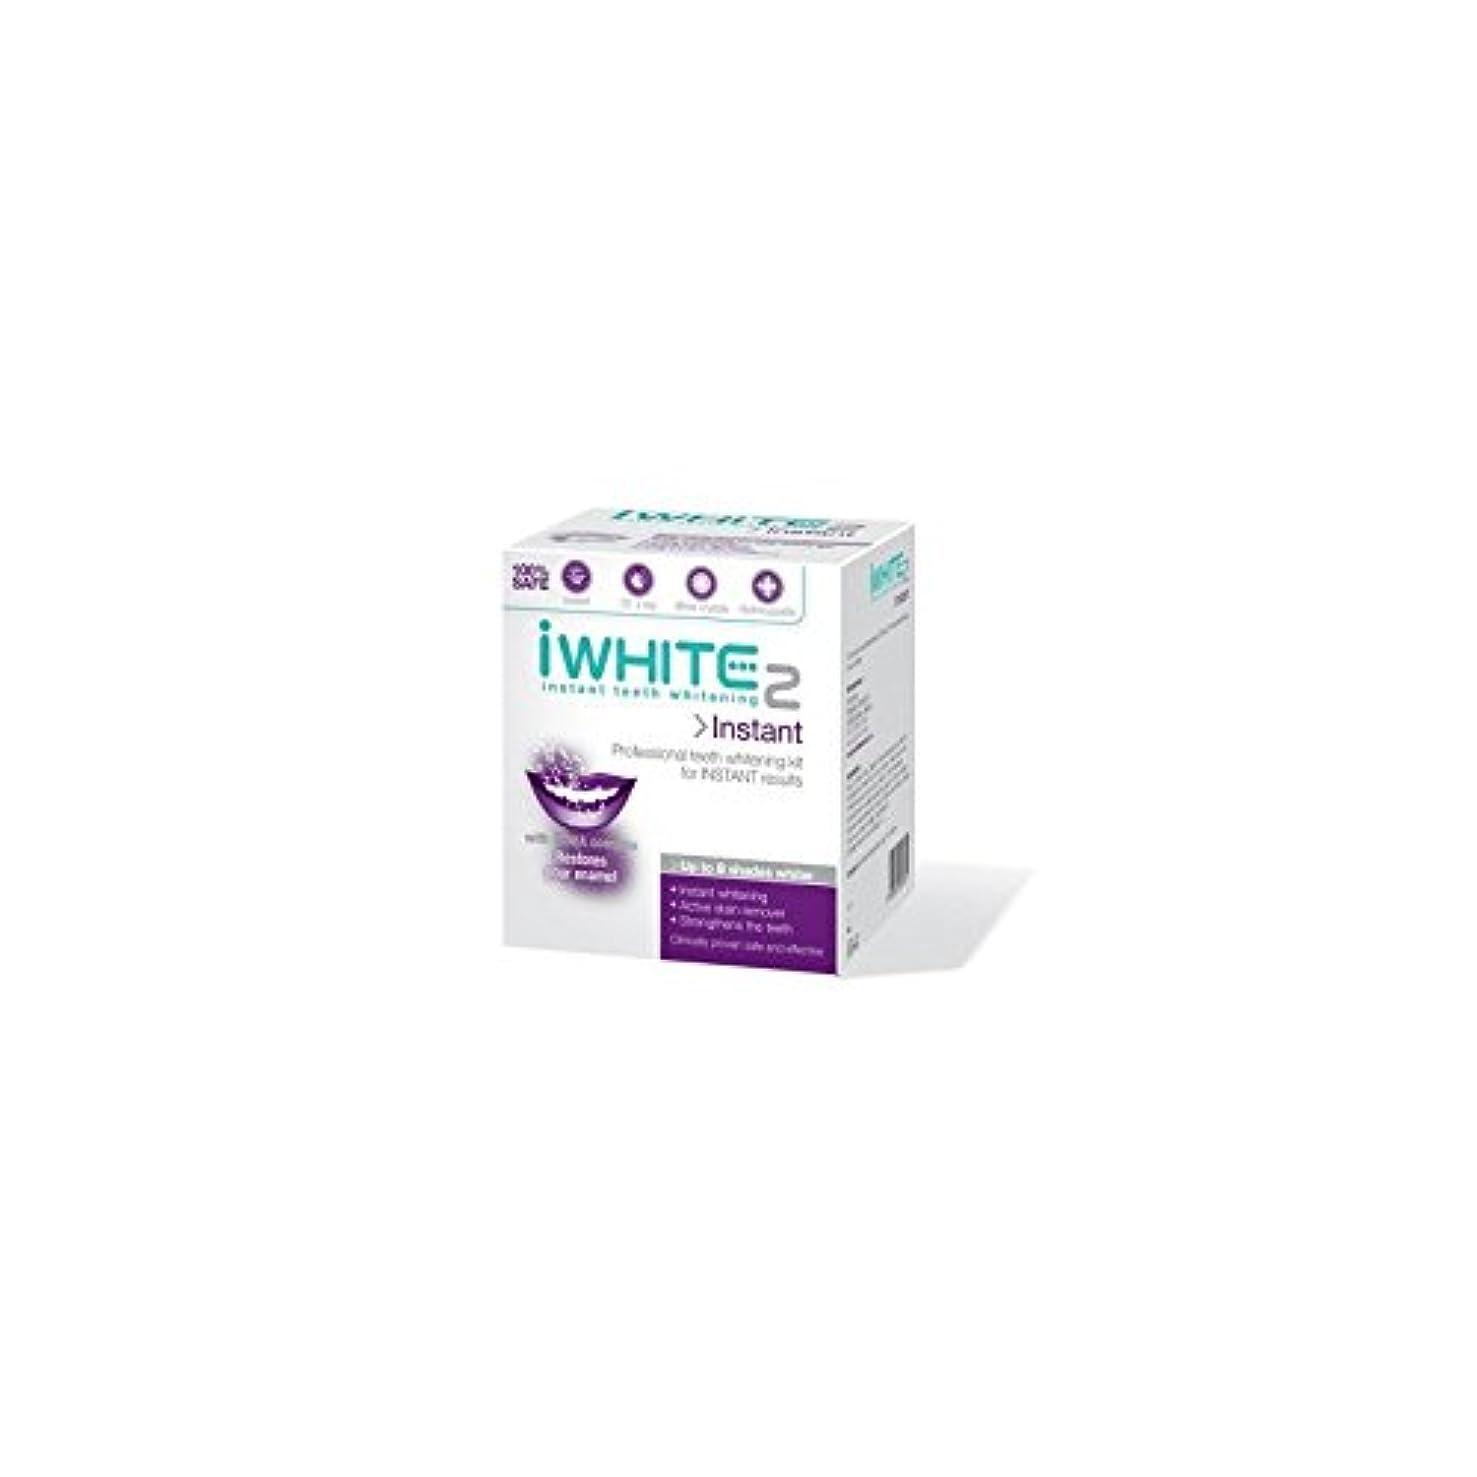 ゴム違反ただやるiWhite Instant 2 Professional Teeth Whitening Kit (10 Trays) (Pack of 6) - インスタントキットを白く2本のプロ歯(10トレイ) x6 [並行輸入品]